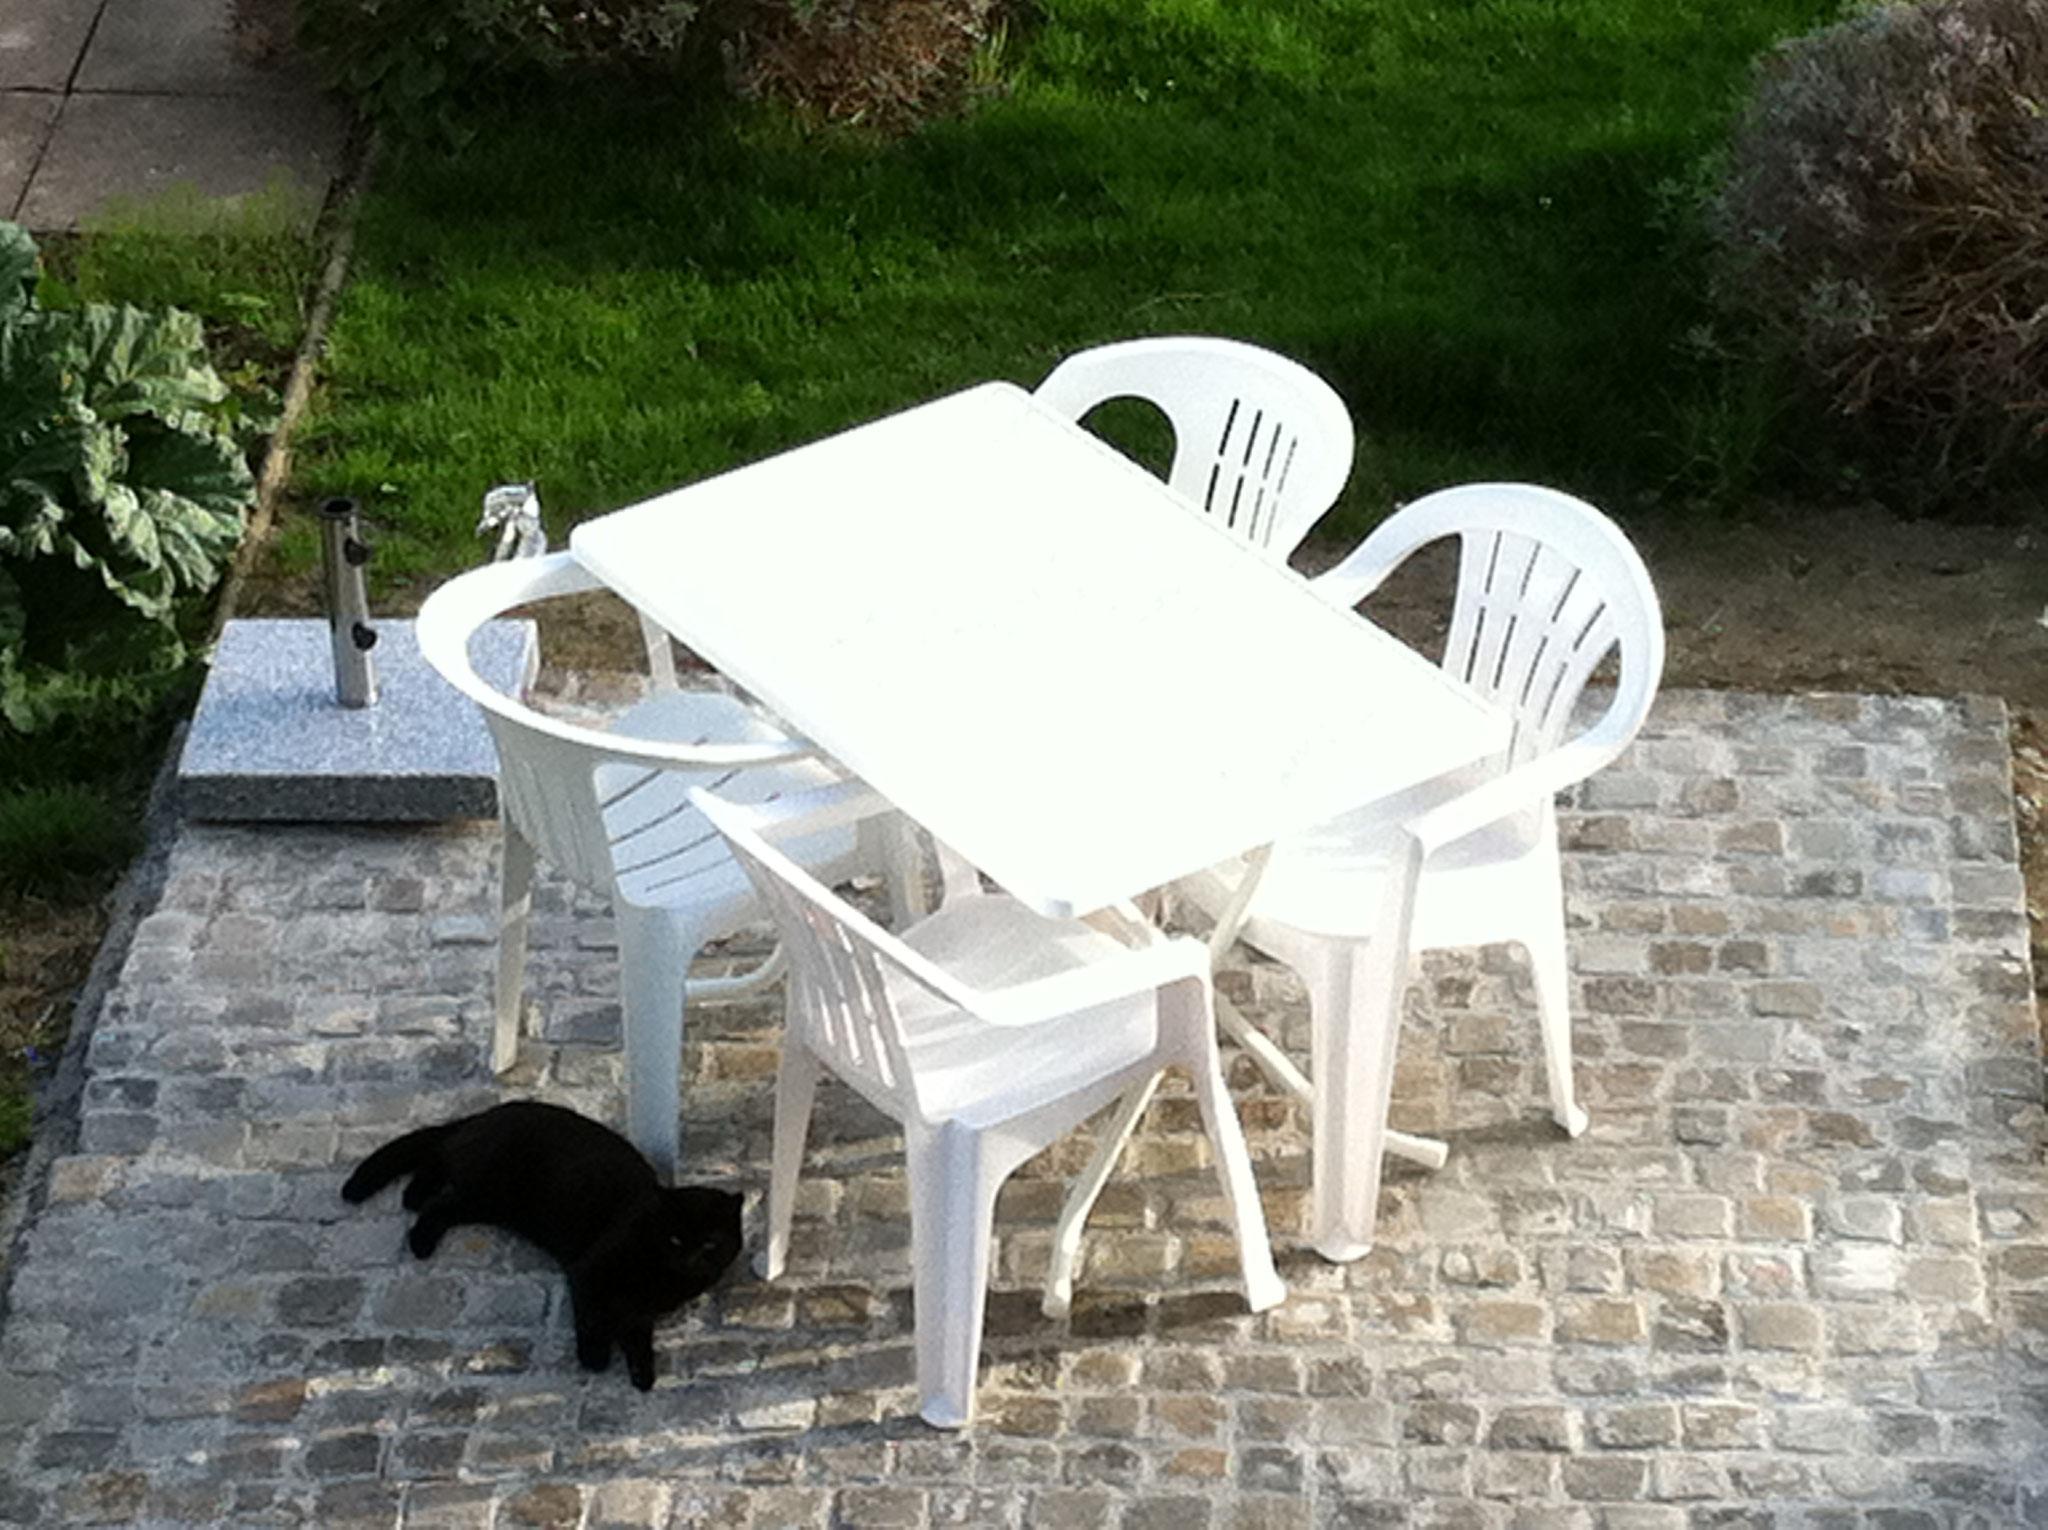 Gartensitzplatz zur Erholung